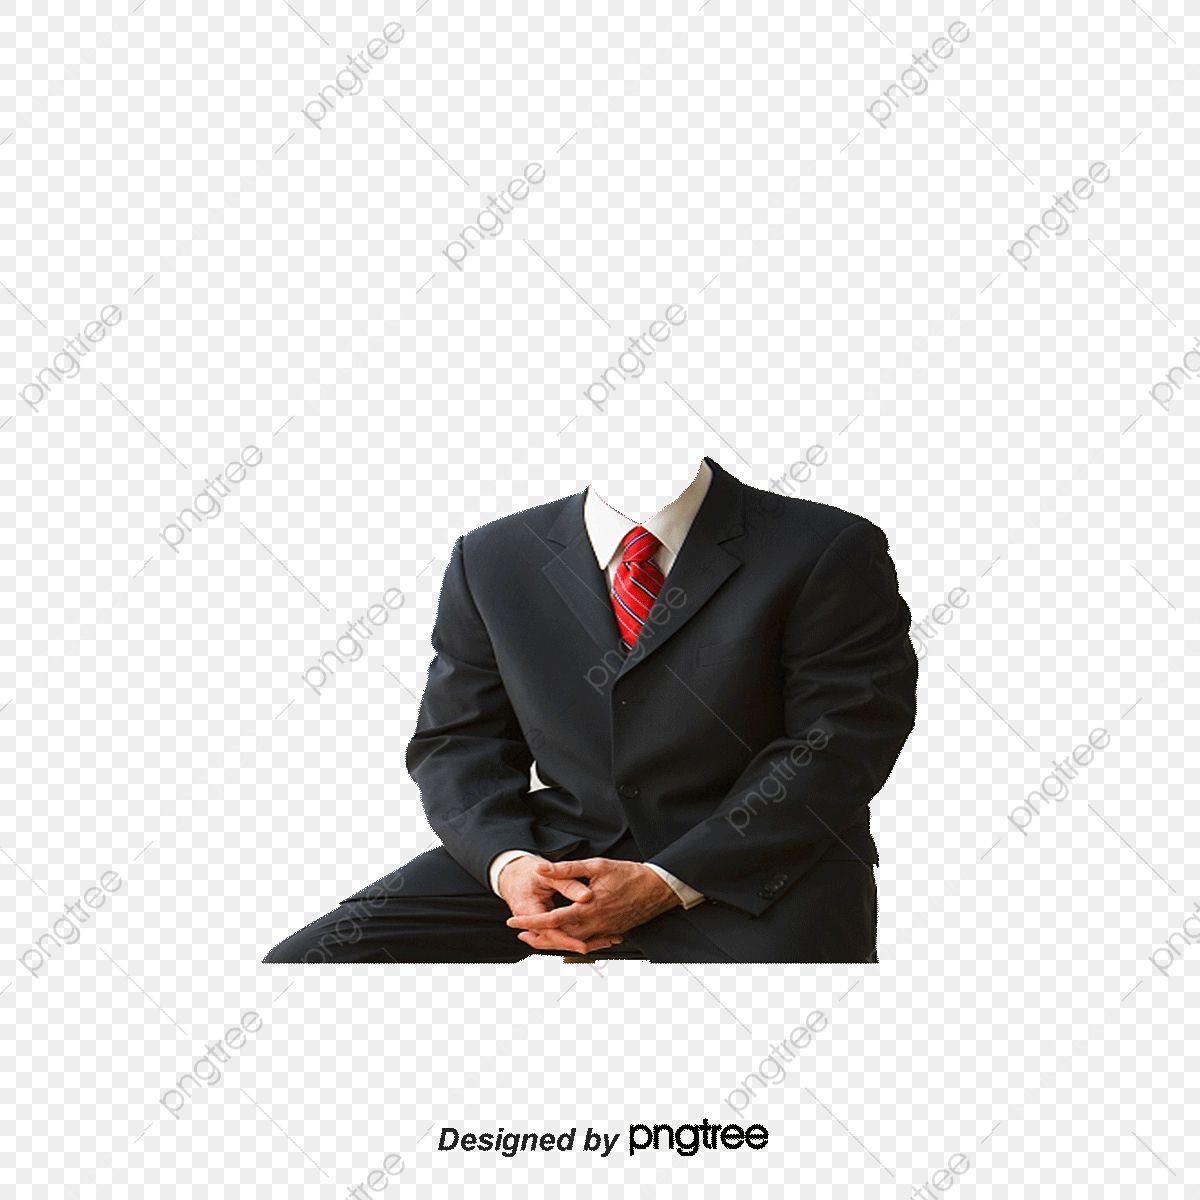 Suit Men Suit Businessman Png Transparent Clipart Image And Psd File For Free Download Gym Outfit Men Mens Suits Suits